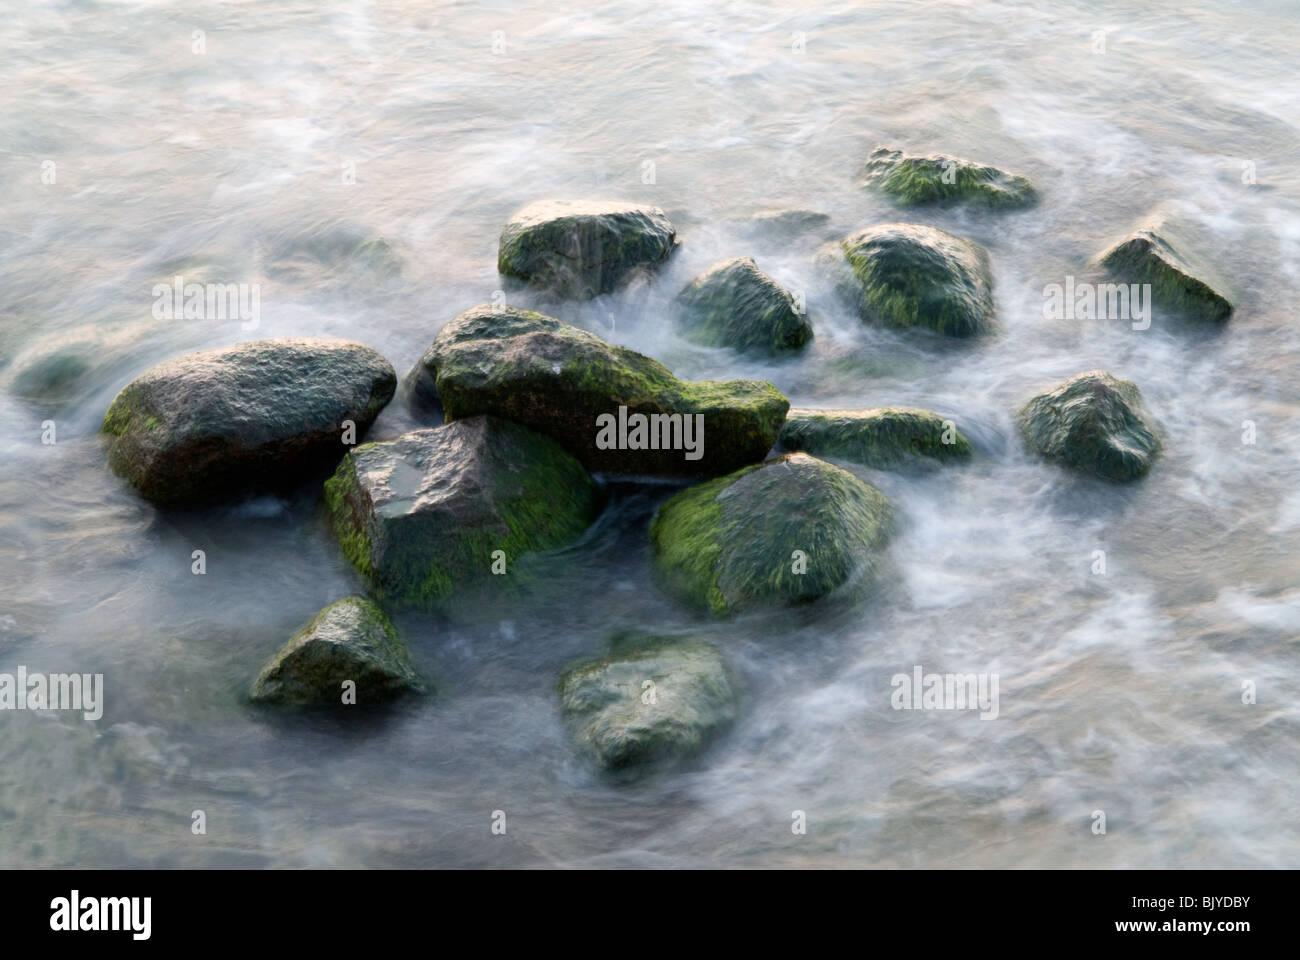 Steinen in bewegtem Wasser. Stockbild